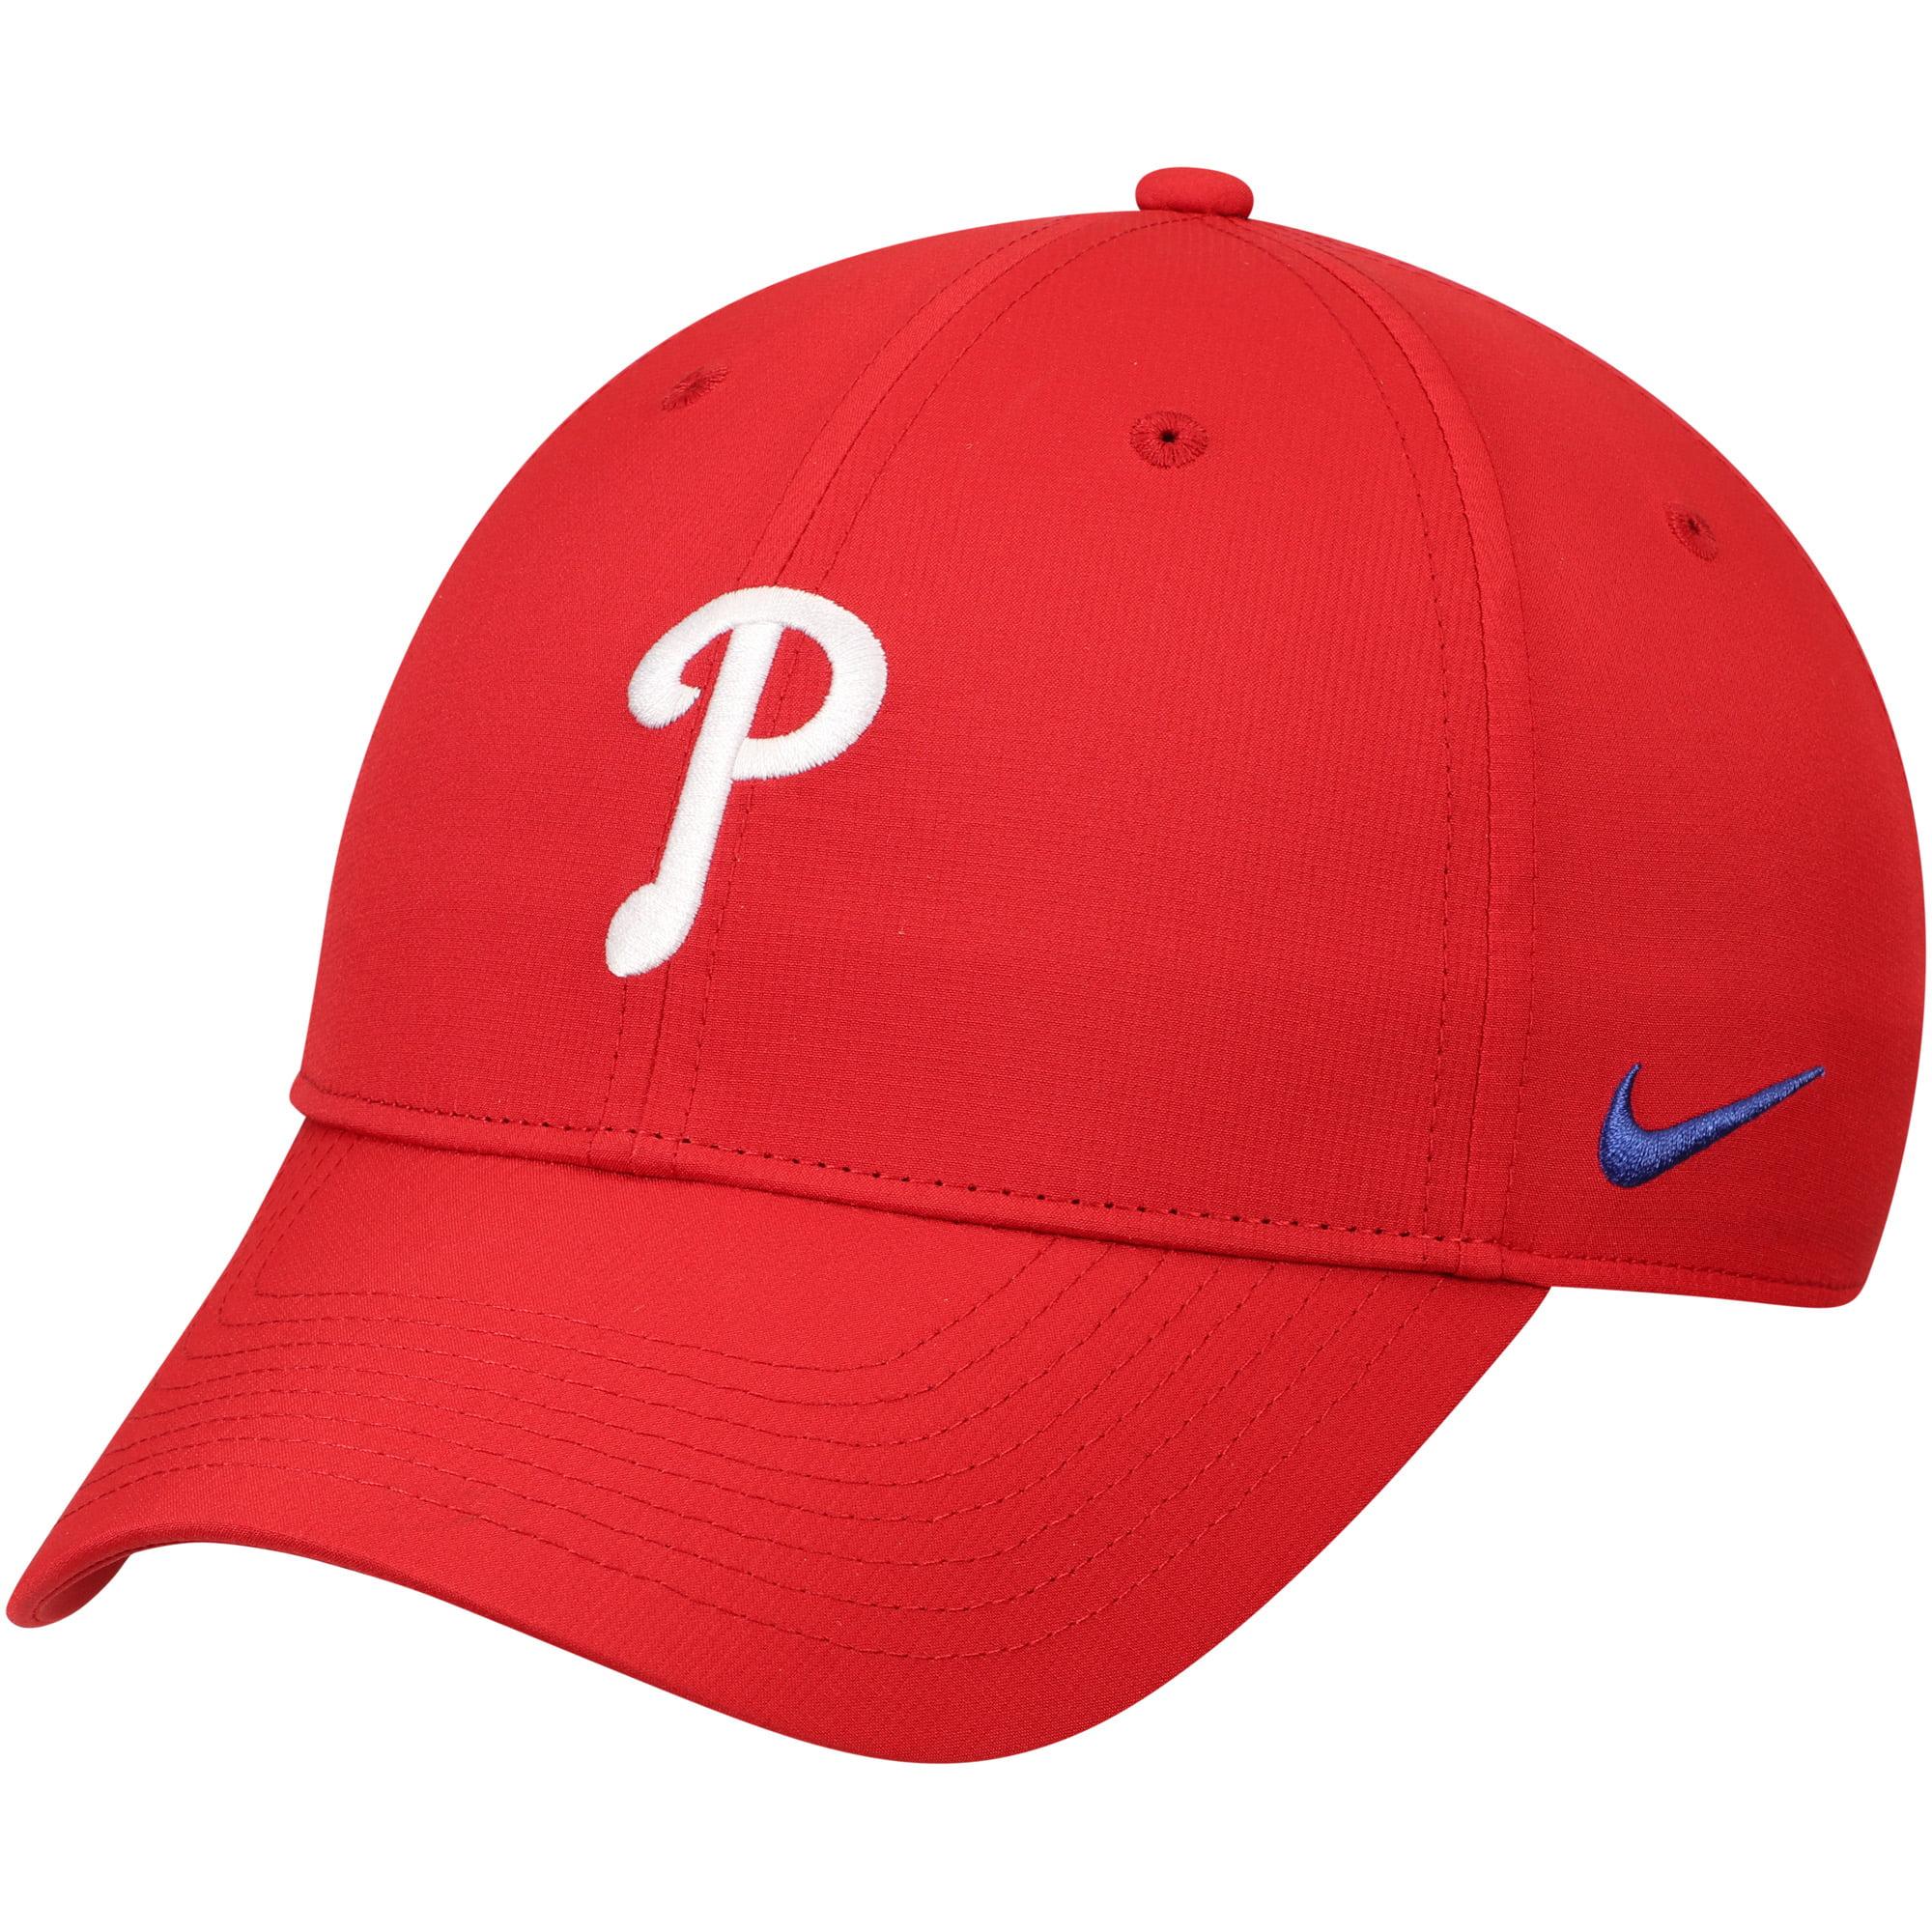 Philadelphia Phillies Nike Legacy 91 Performance Adjustable Hat - Red - OSFA